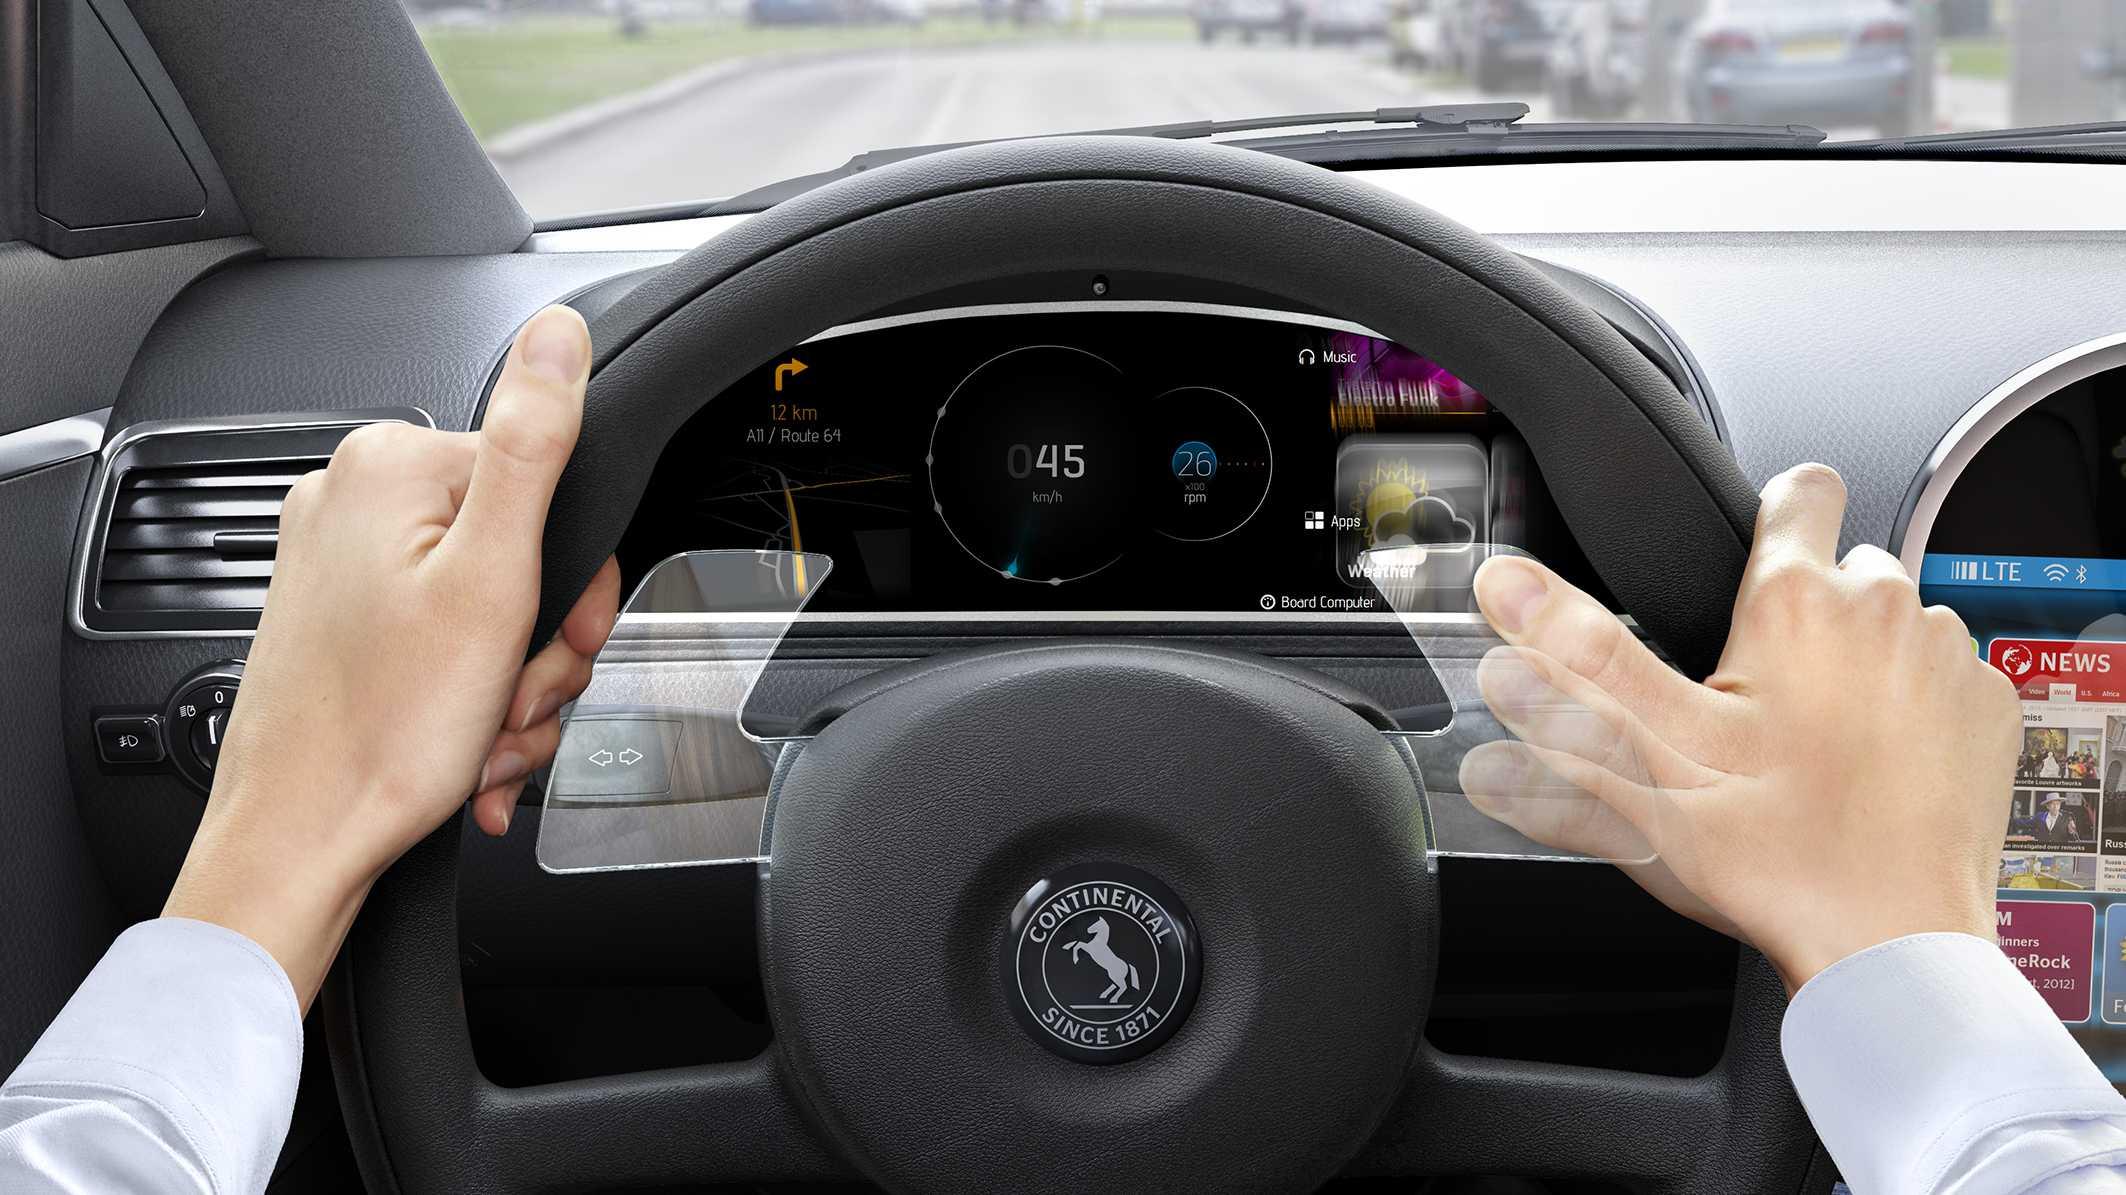 Continental integriert Gestensteuerung ins Lenkrad